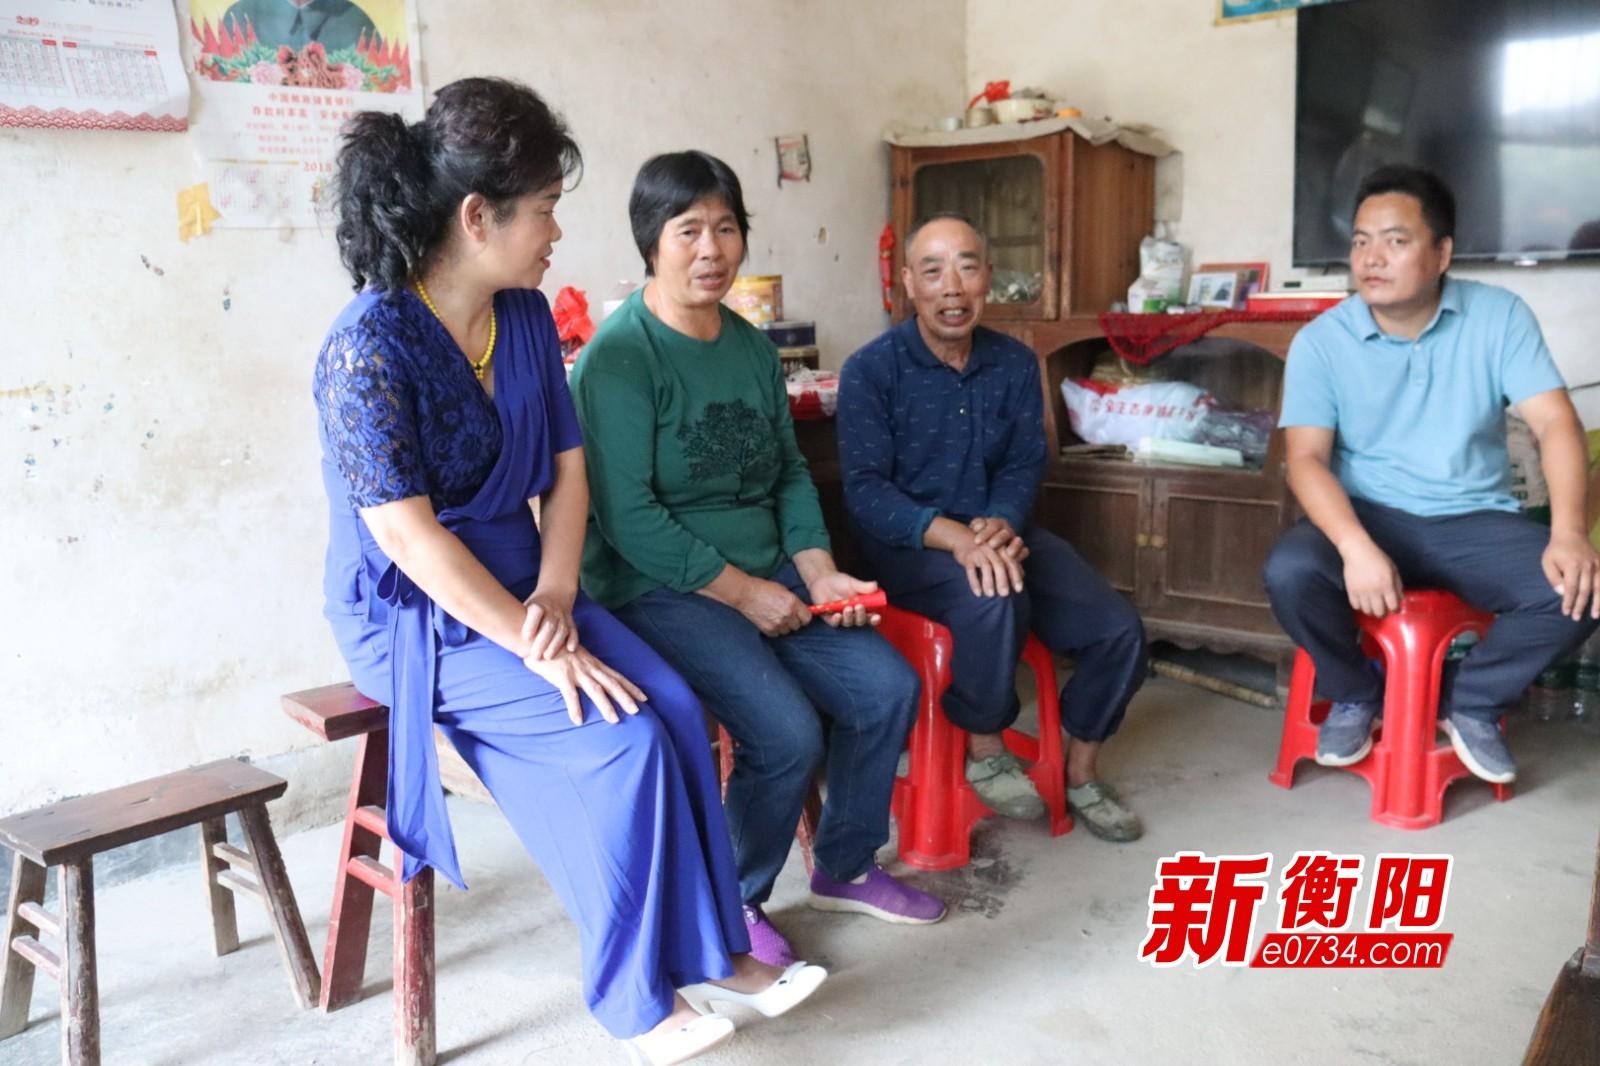 巾帼祁商彭翠紅用愛回饋社會 助力群衆脫貧謀發展